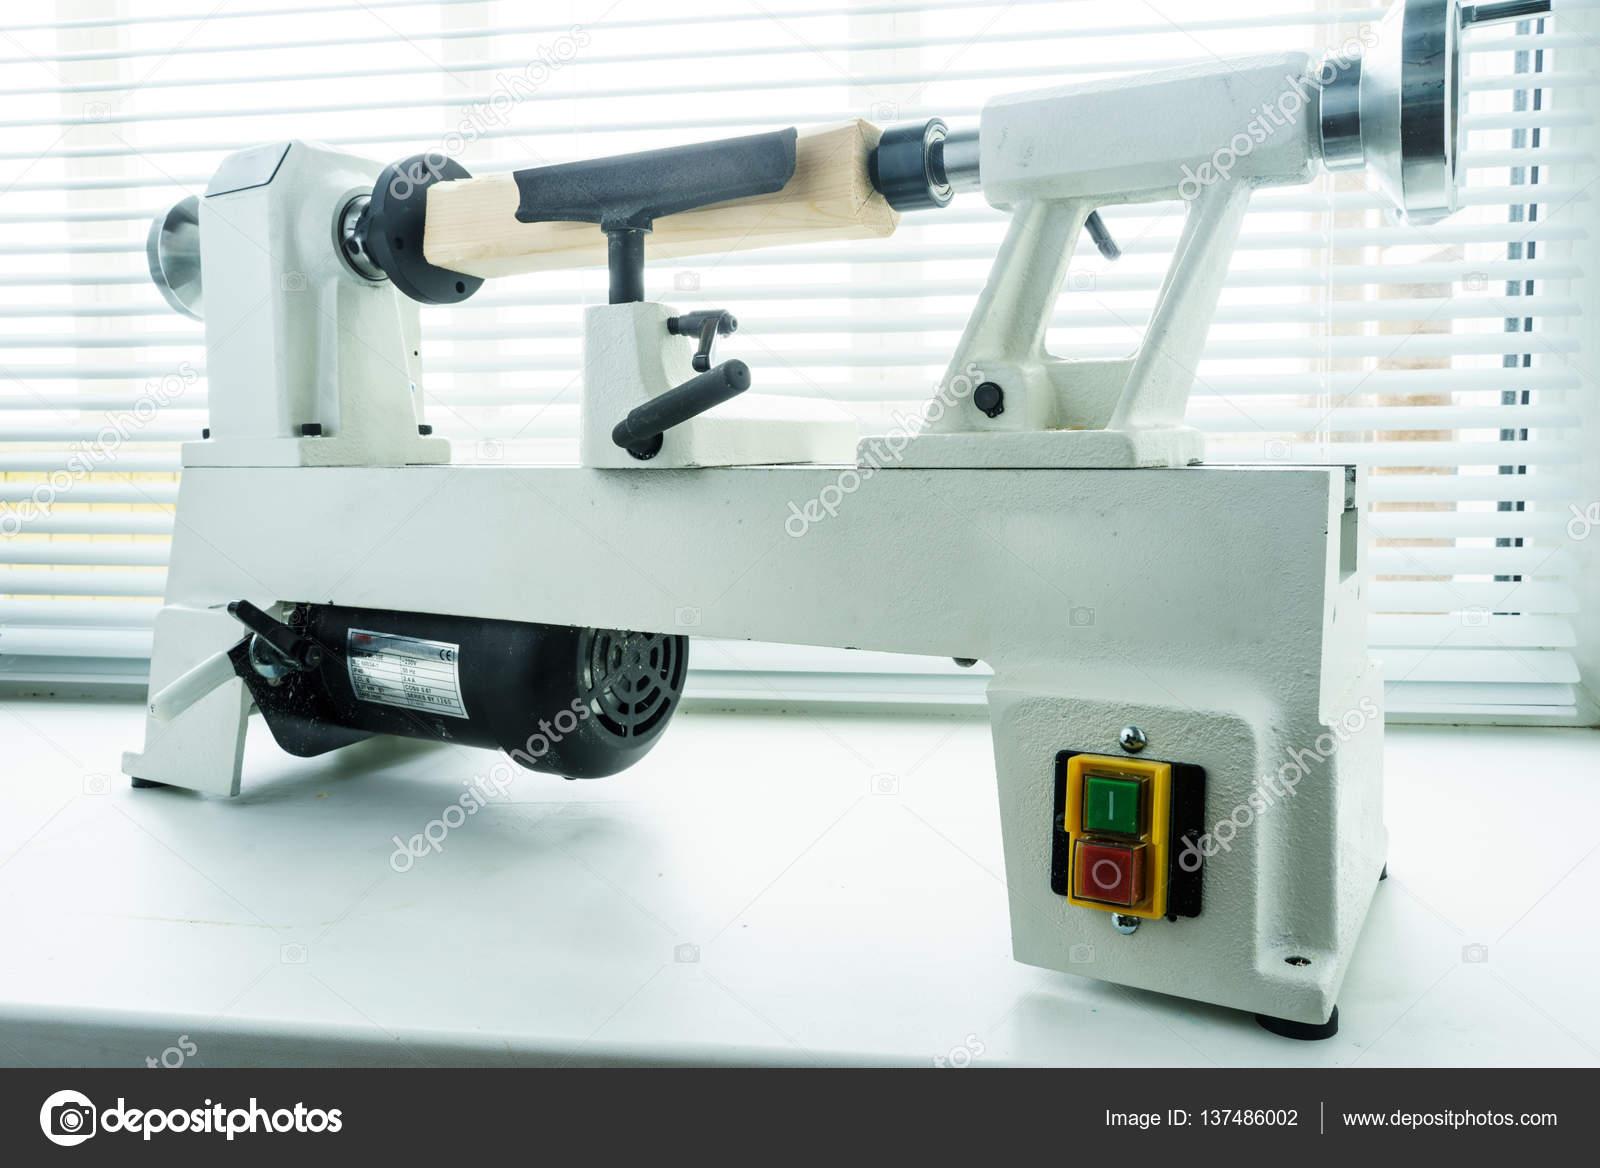 Macchine Per Lavorare Il Legno : Lavorazione del legno mini tornio u2014 foto stock © supertrooper #137486002